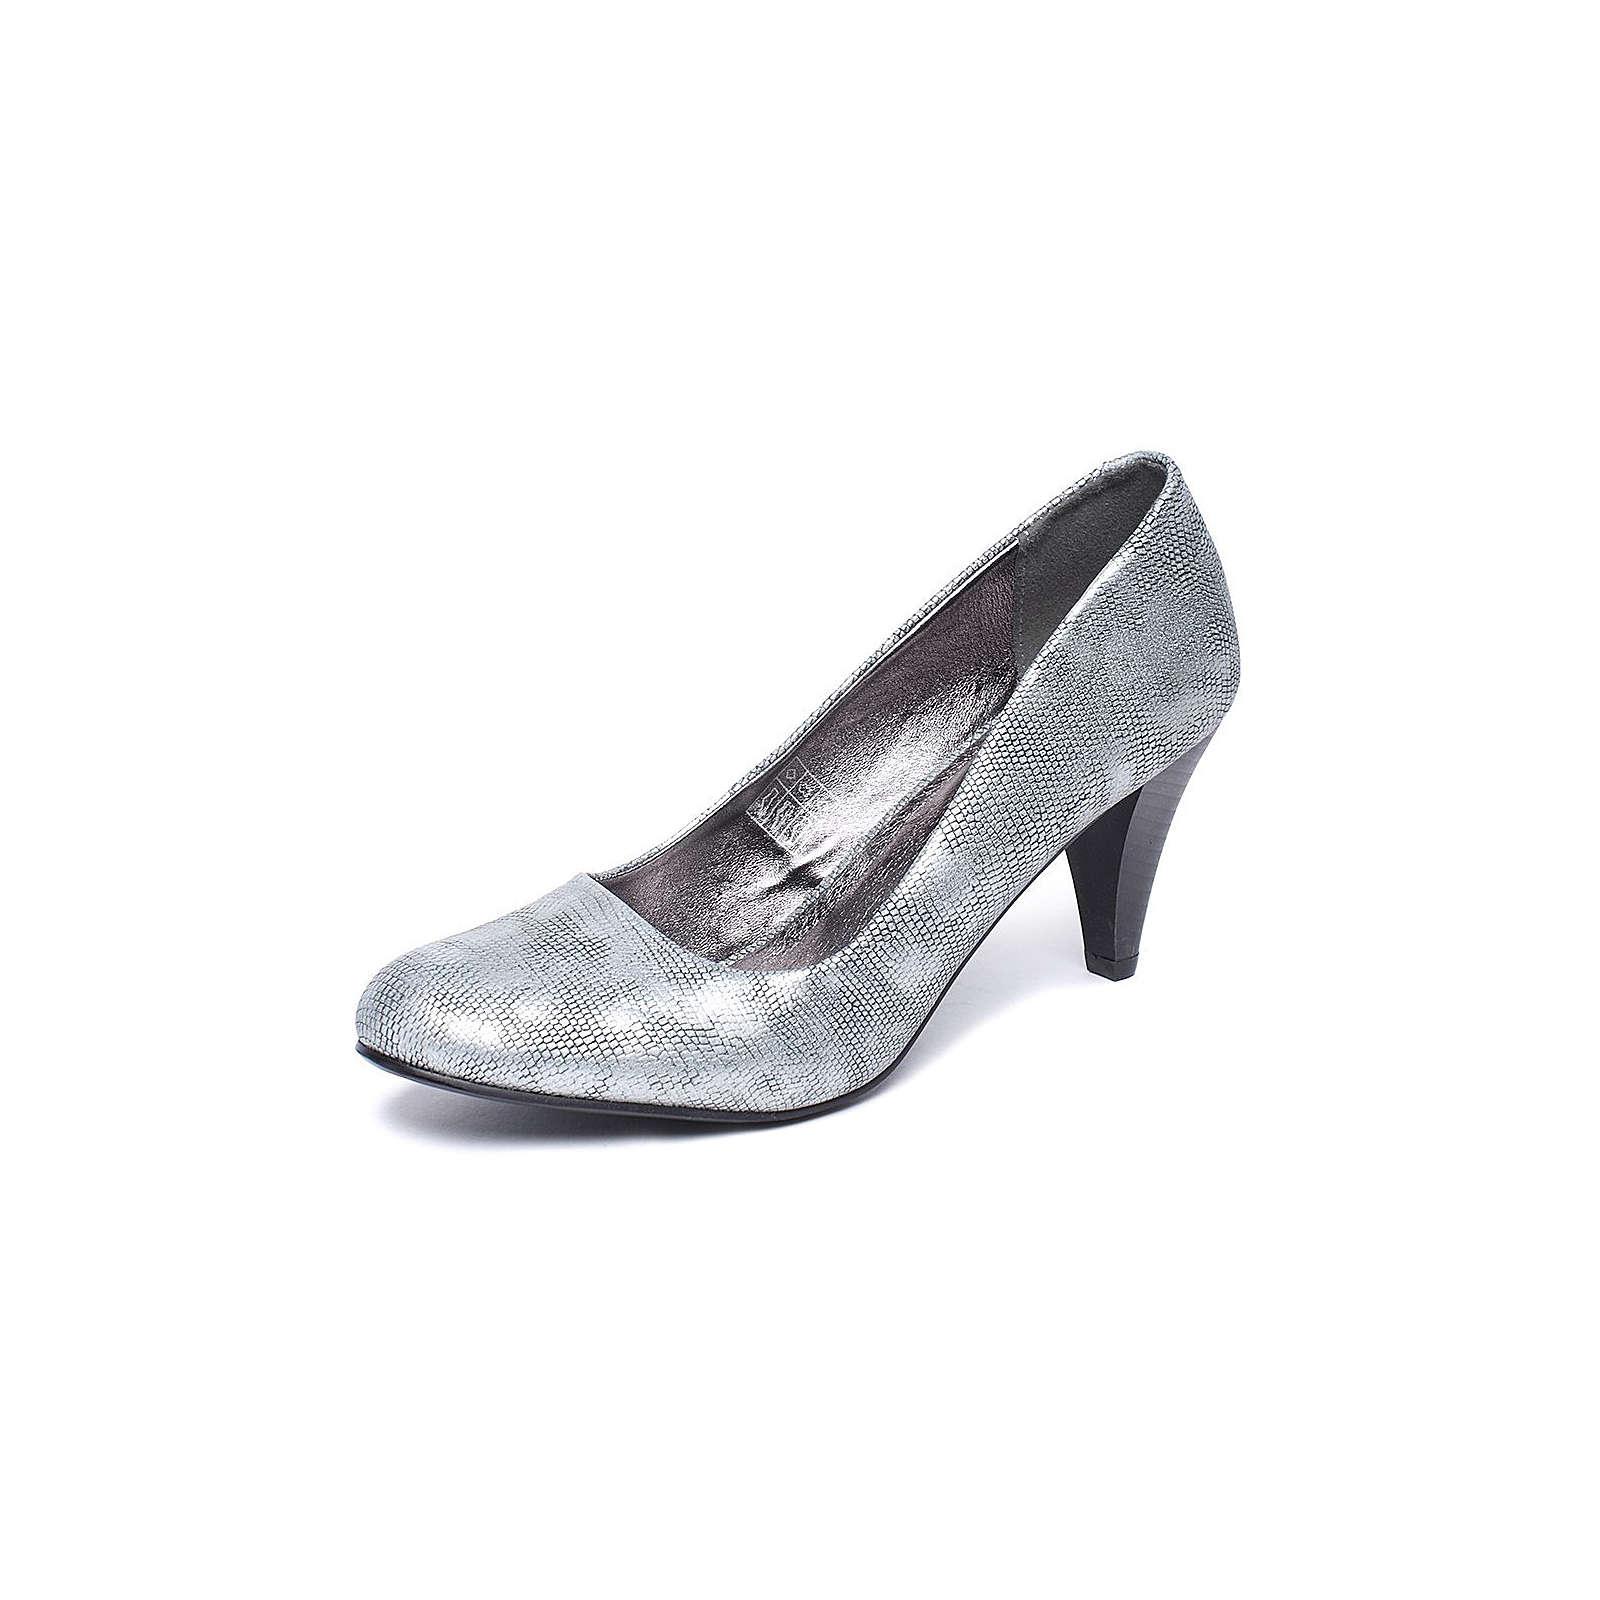 Fitters Footwear That Fits Pump Princess Klassische Pumps silber Damen Gr. 42